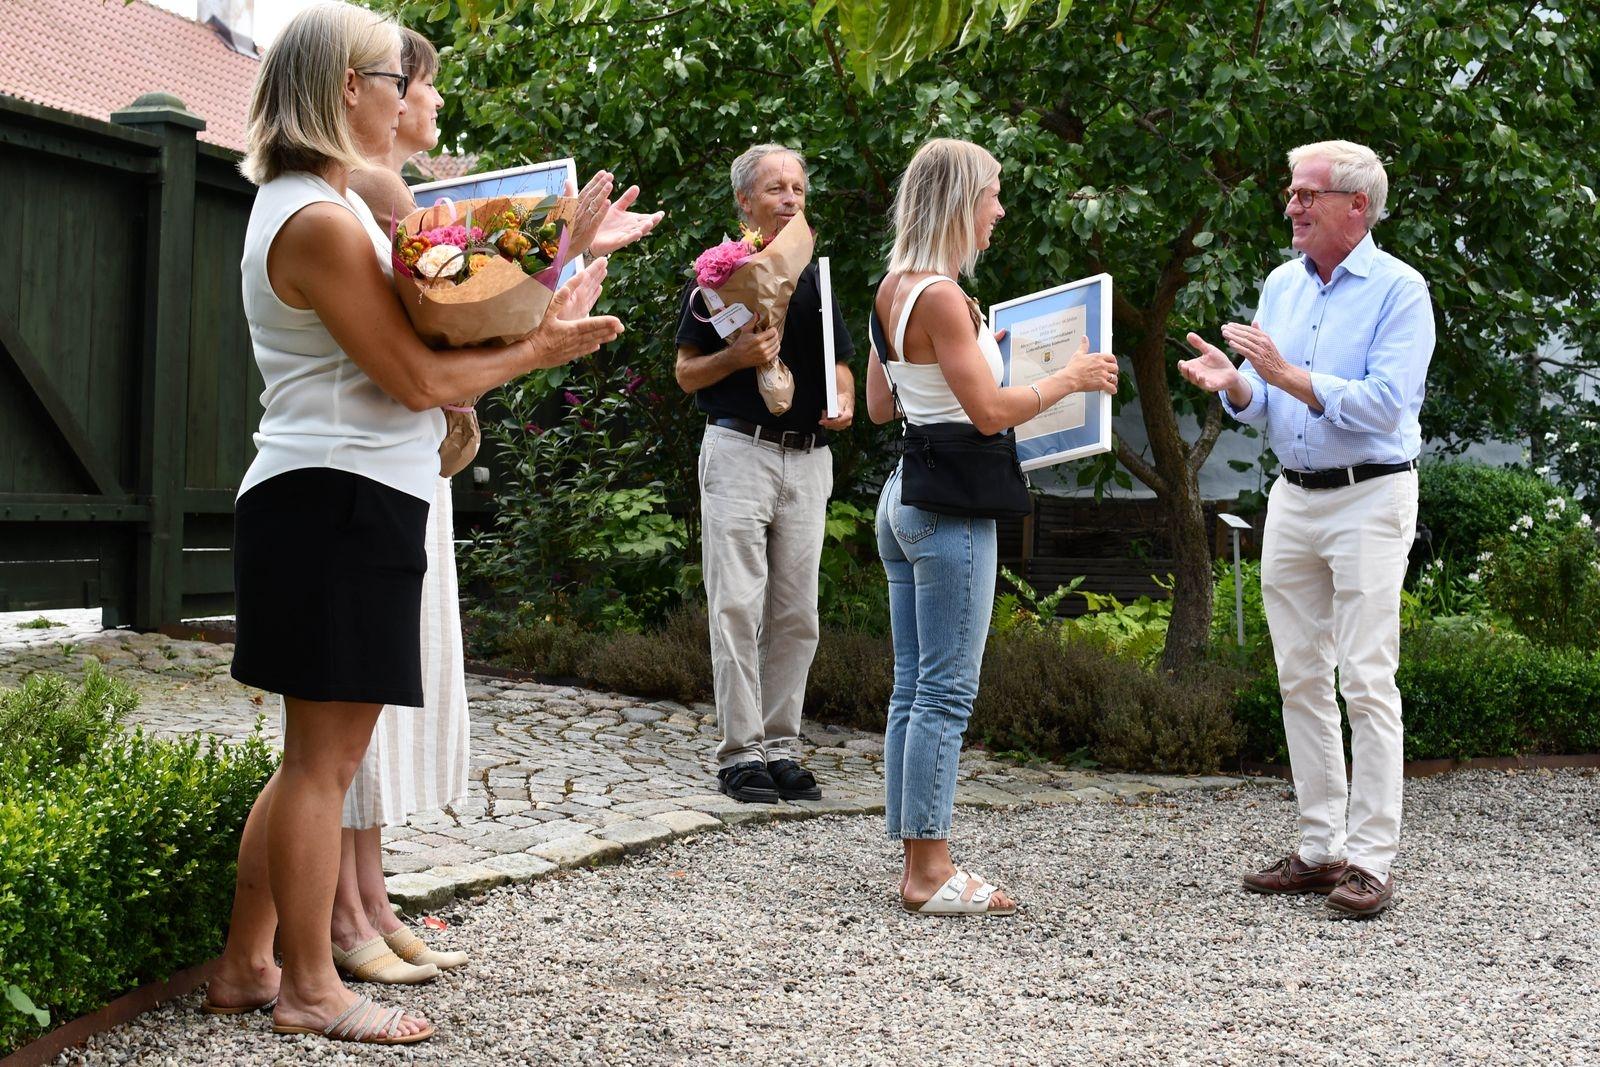 På kultur- och fritidsnämndens sammanträde den 14 april utsågs 2020 års kulturpristagare, idrottspristagare och föreningsledarstipendiater. Förra veckan delades priserna ut i Österlens museums grönskande trädgård.